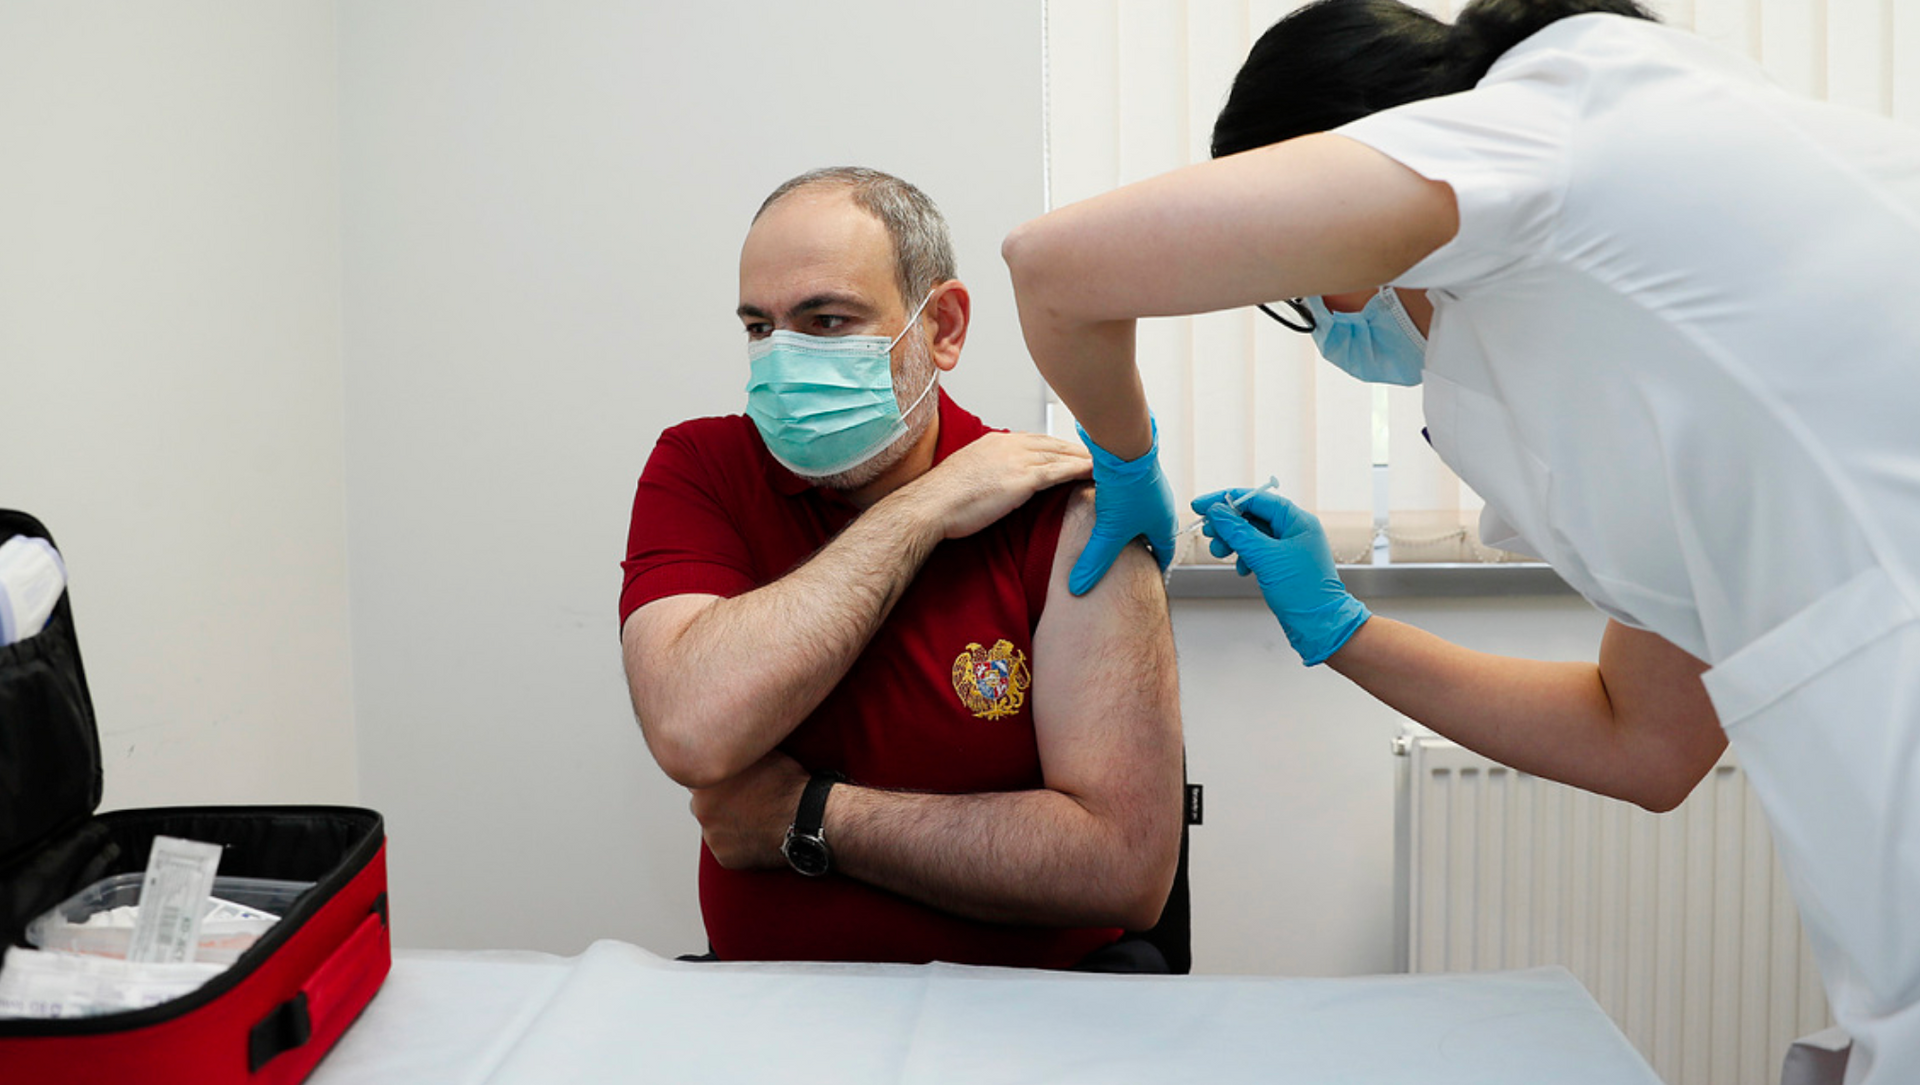 Никол Пашинян делает прививку от коронавируса - Sputnik Грузия, 1920, 03.05.2021